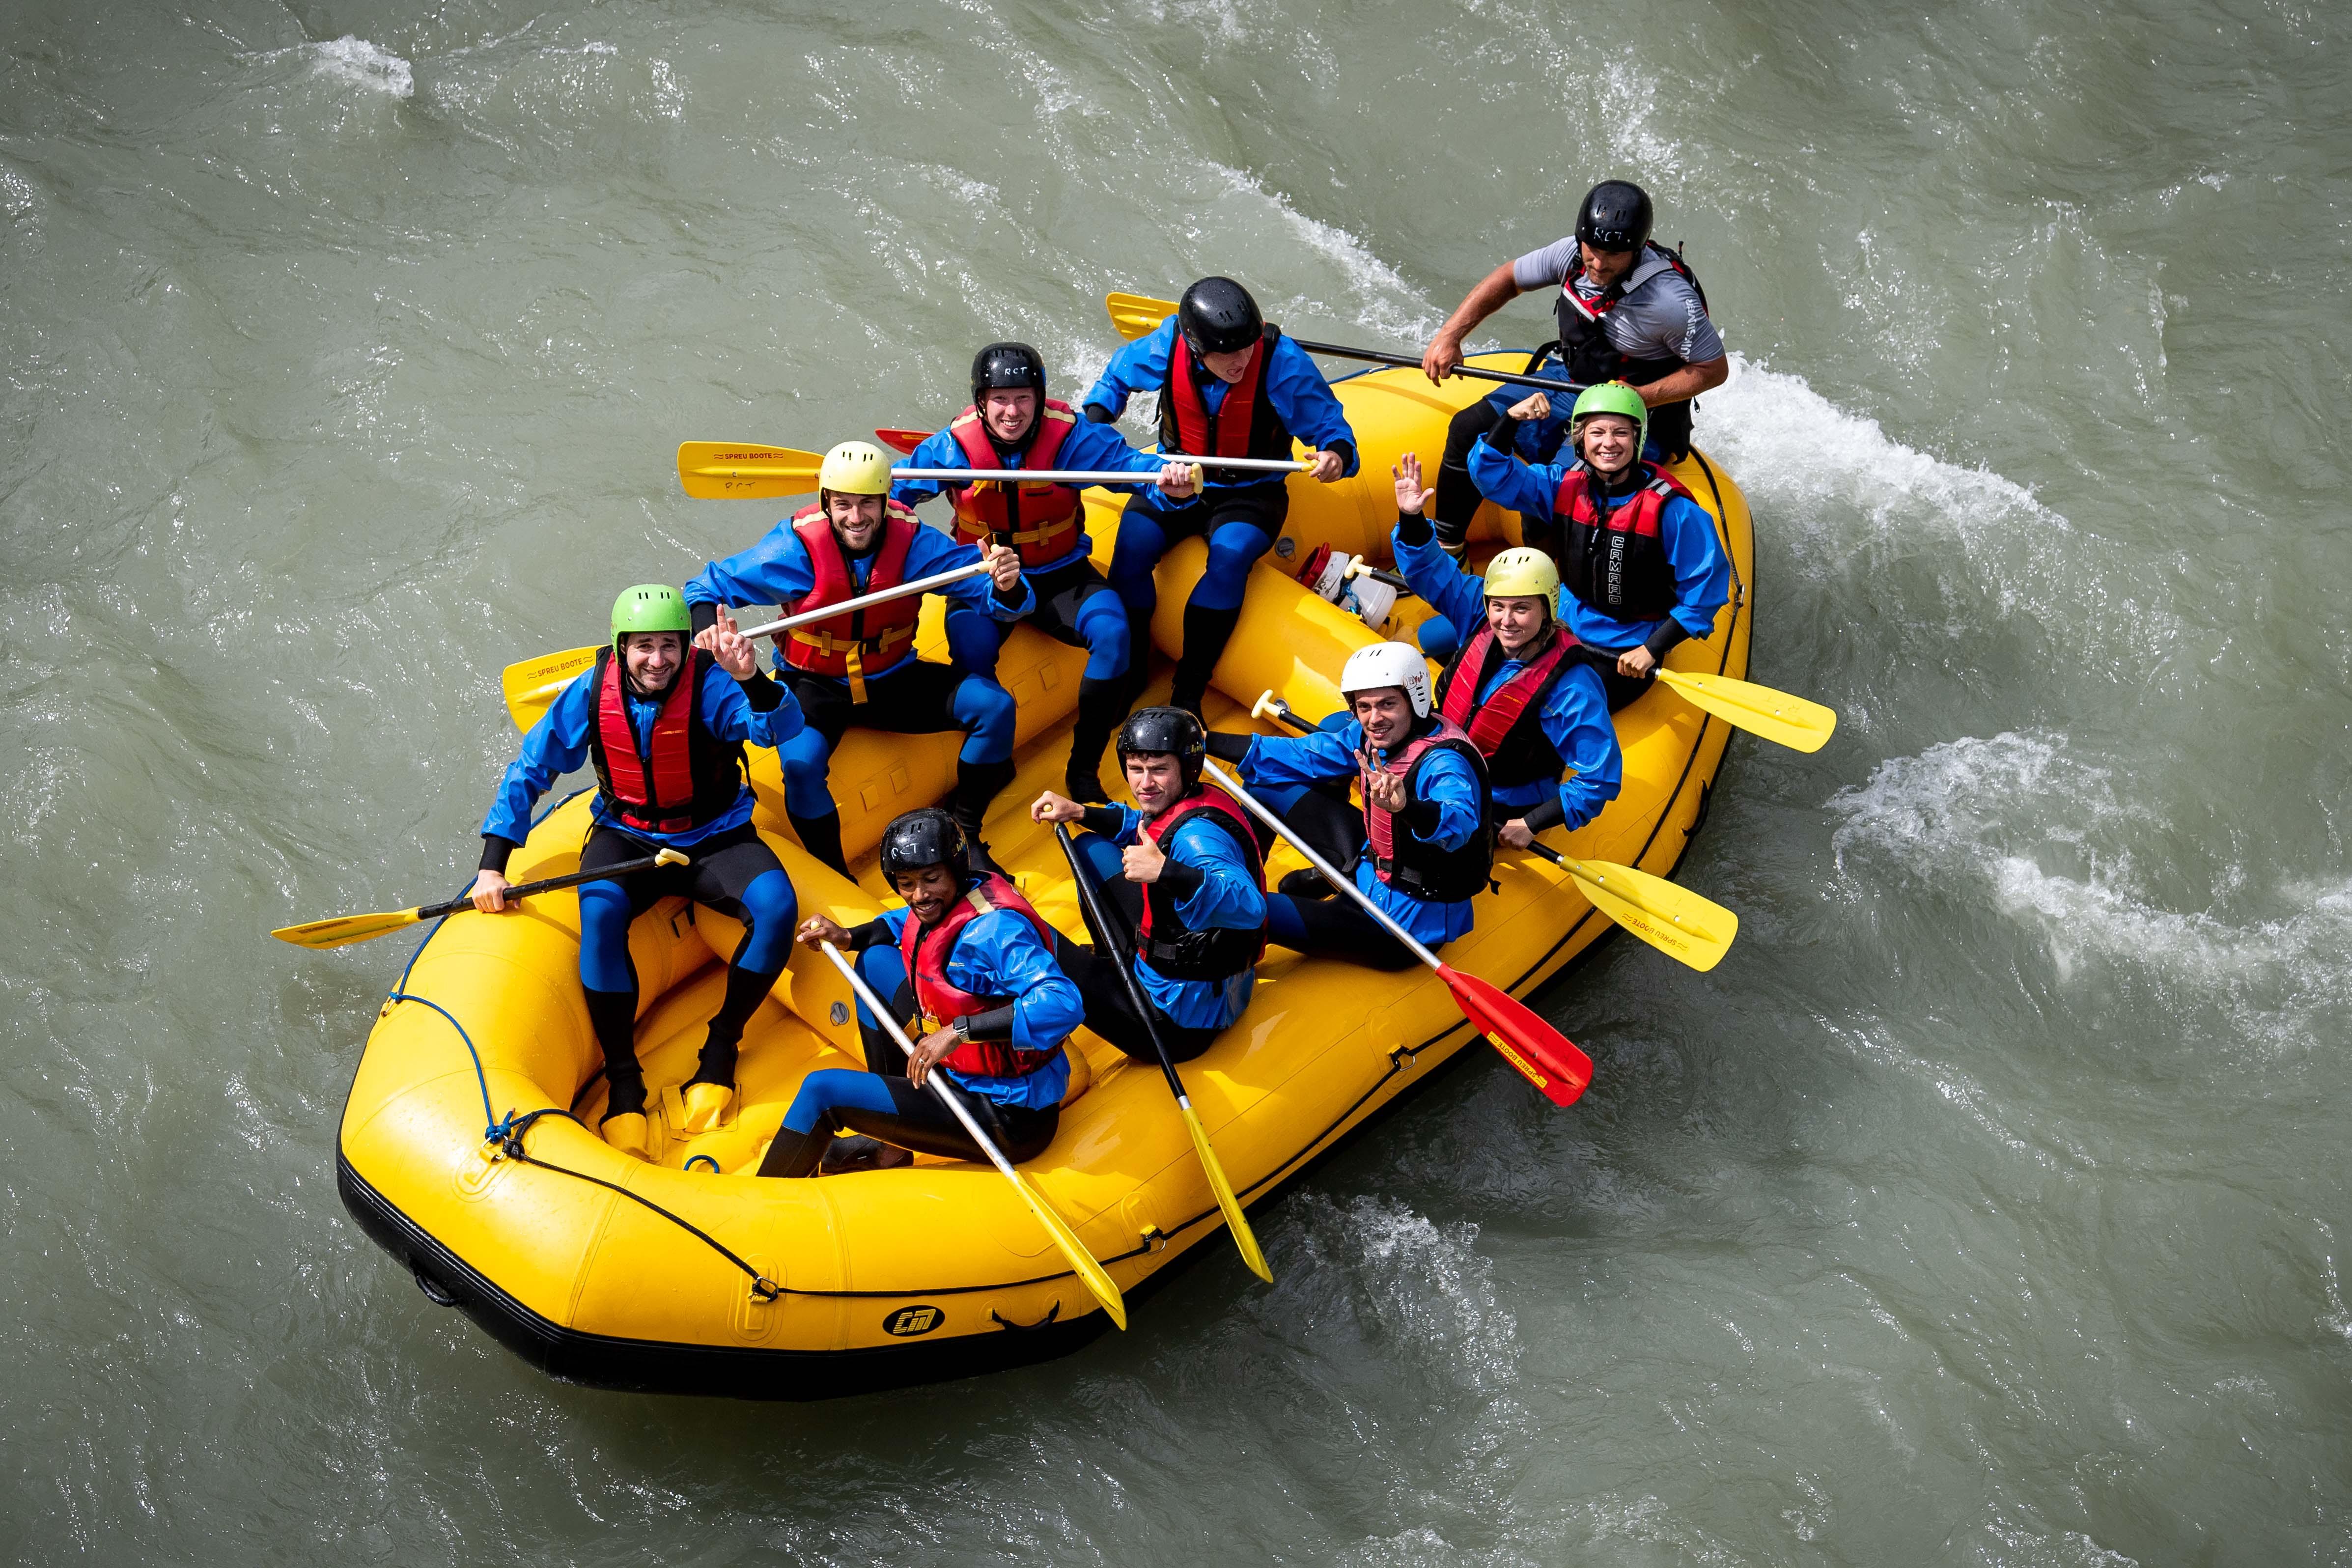 Ein vollbesetztes Schlauchboot mit Spielern und Trainern auf dem Wasser.